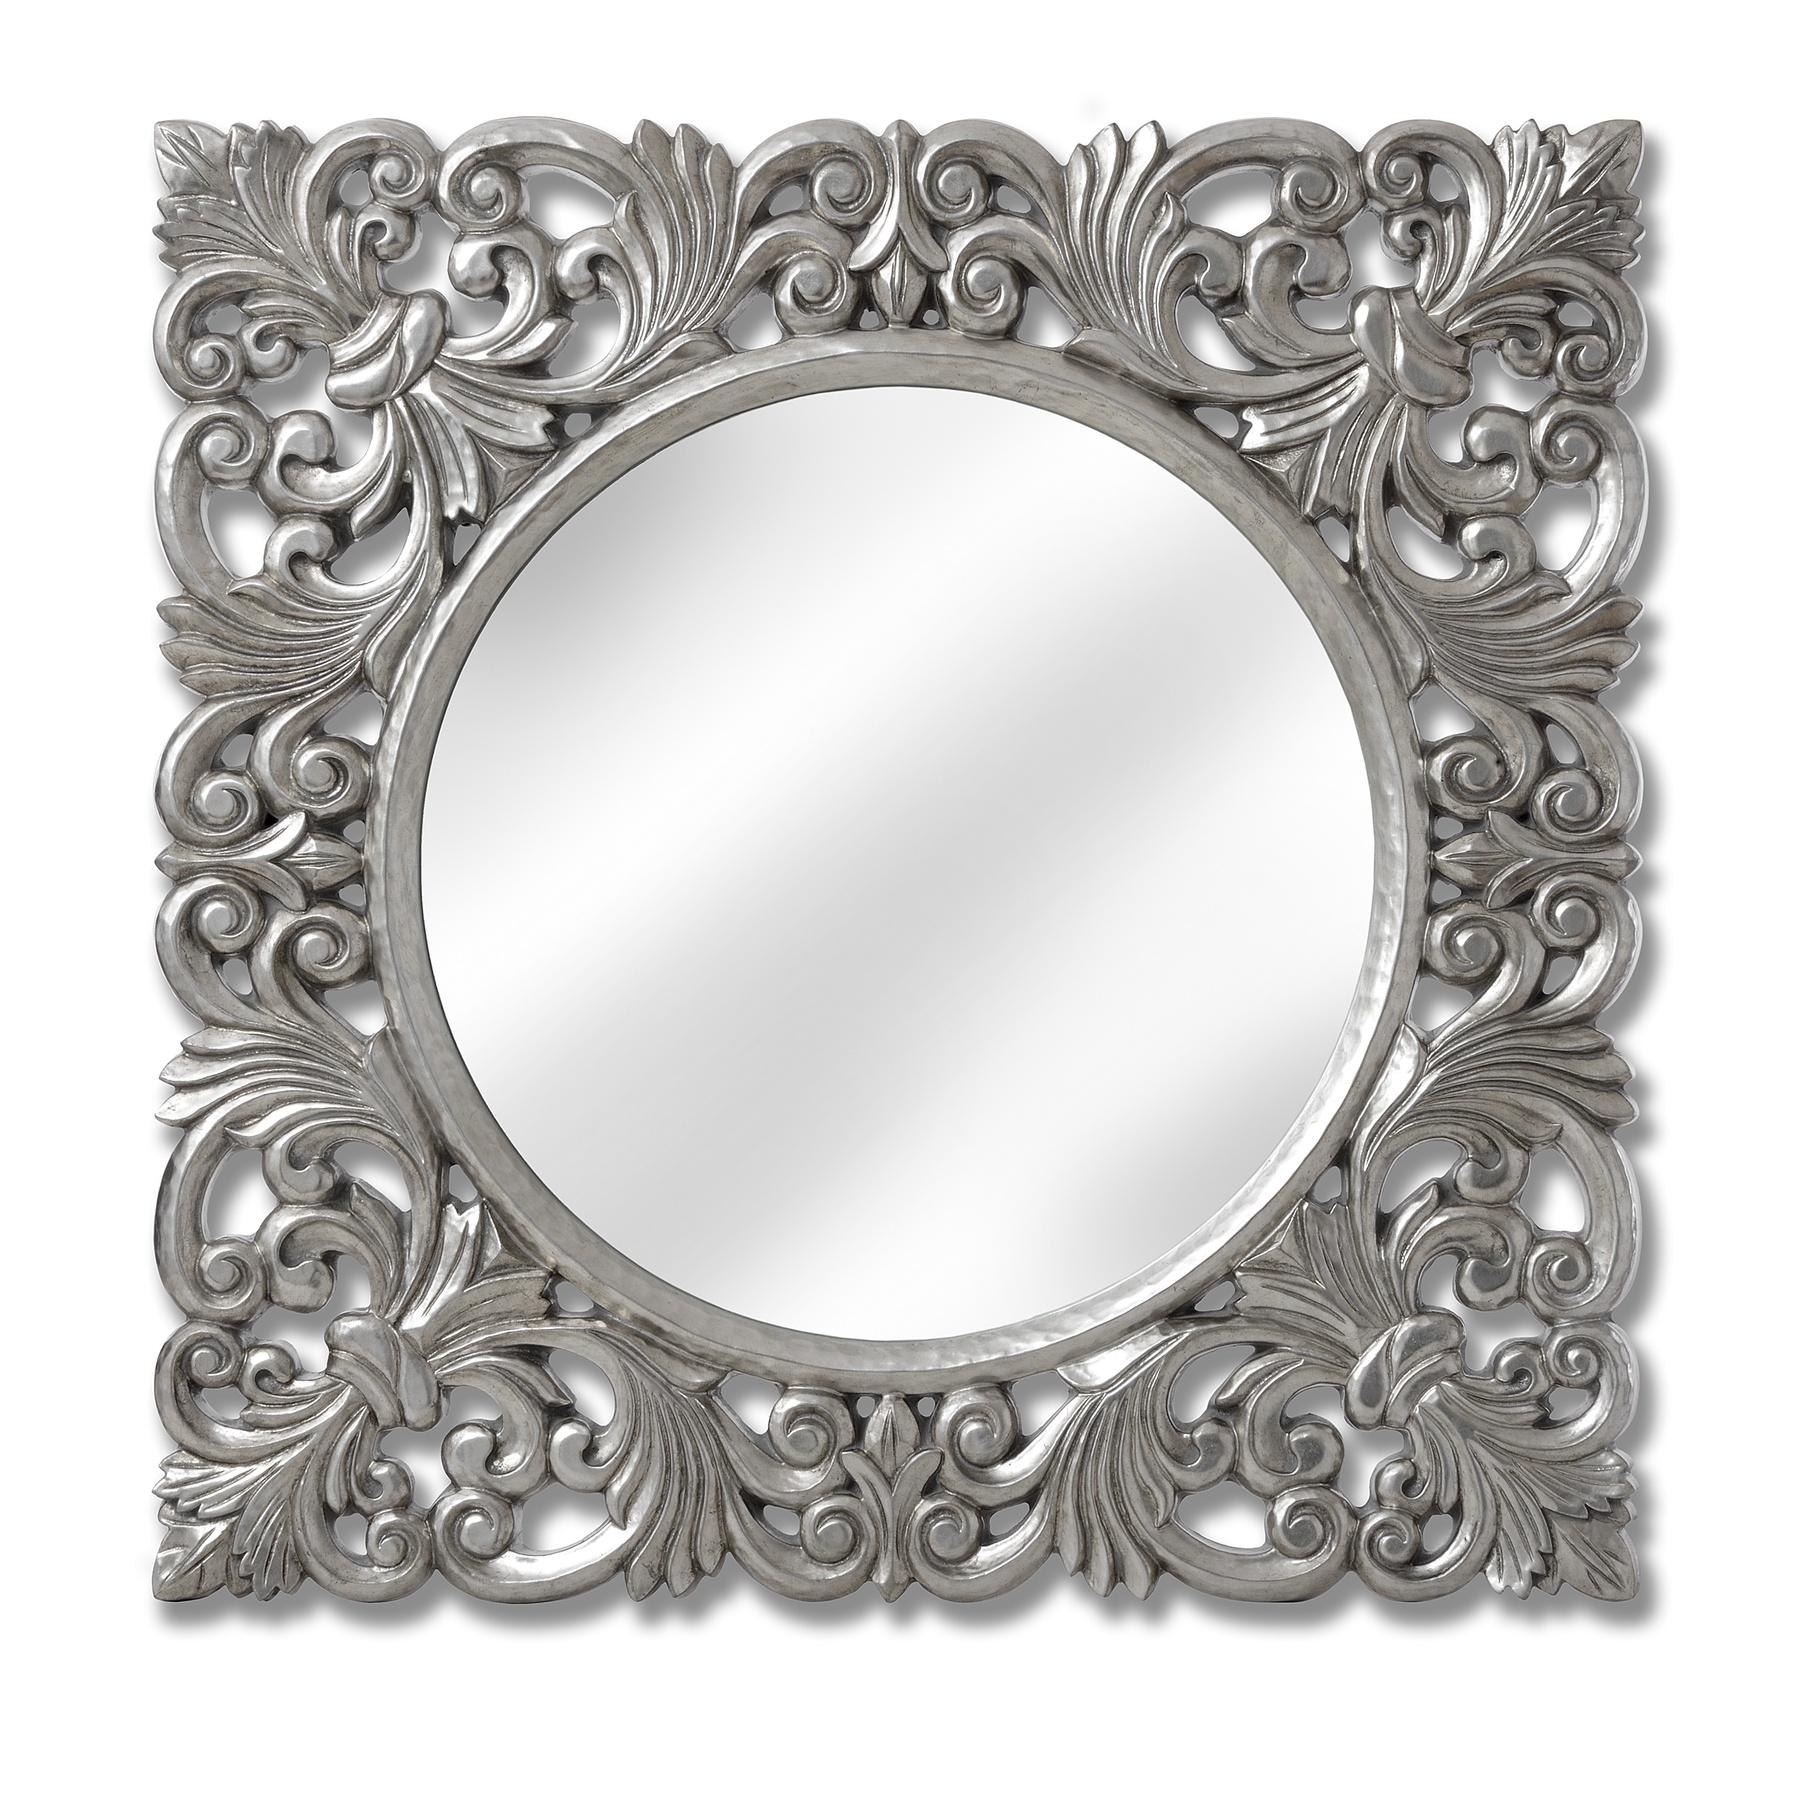 Baroque Silver Wall Mirror